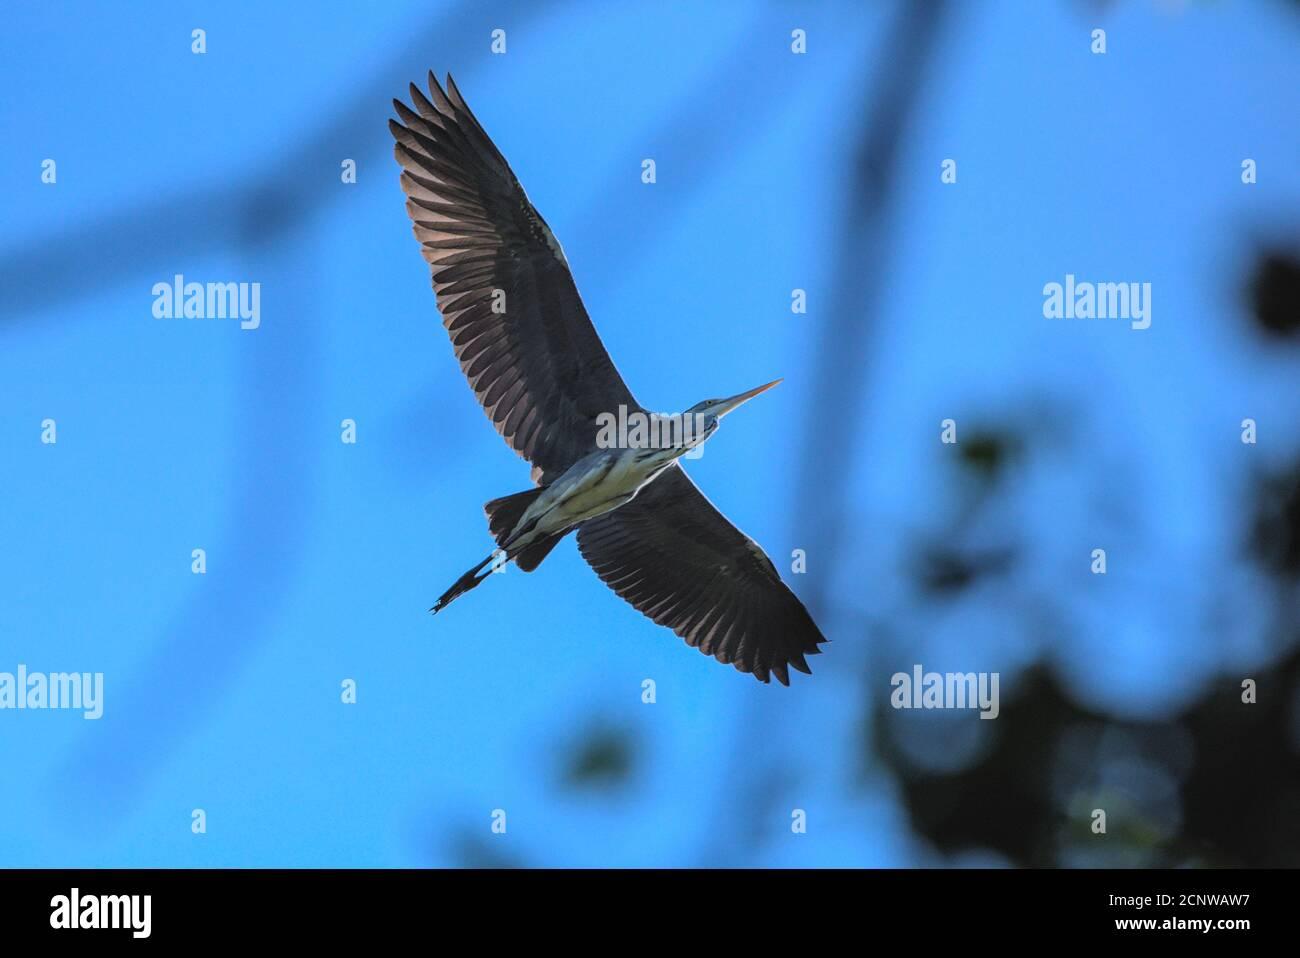 Nahaufnahme eines Graureihers im Flug Stock Photo